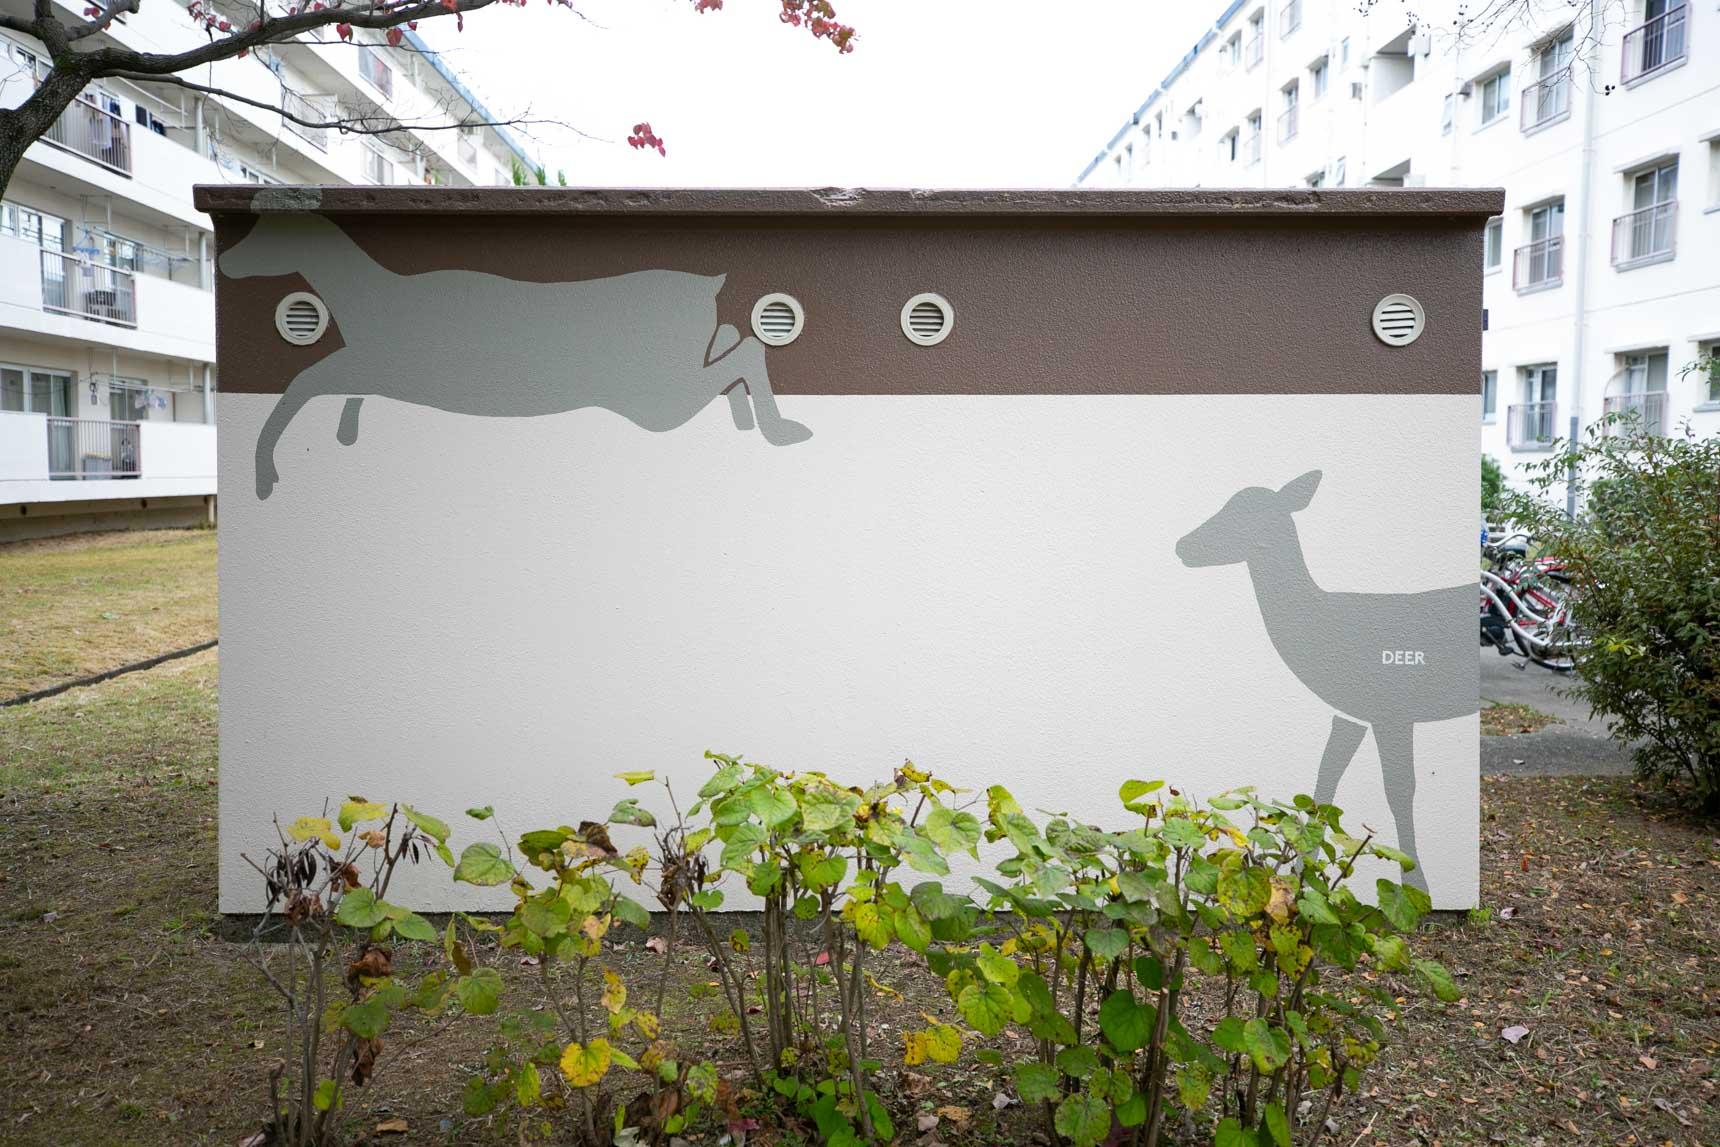 子どもたちも楽しんで歩けるように、倉庫の壁には動物が描かれていました!全部で12種類もの動物のイラストが描かれているそう。